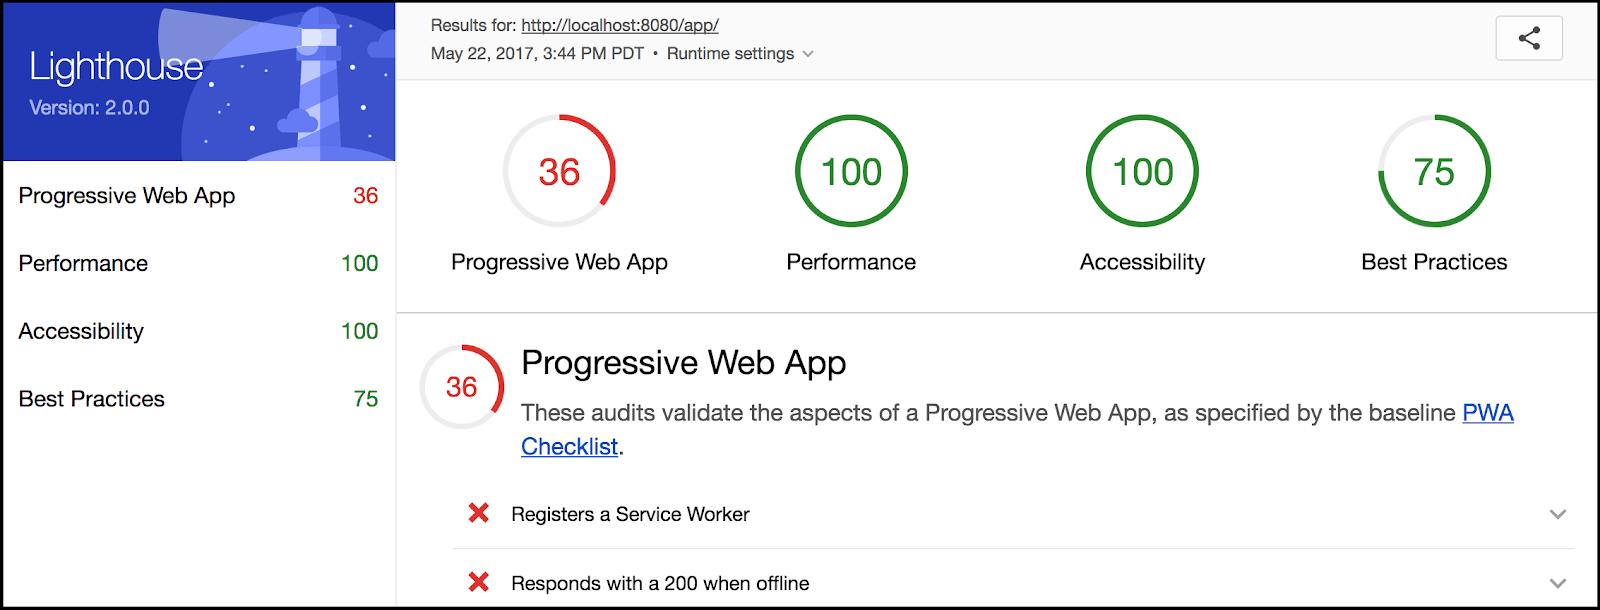 Lighthouse for Chrome